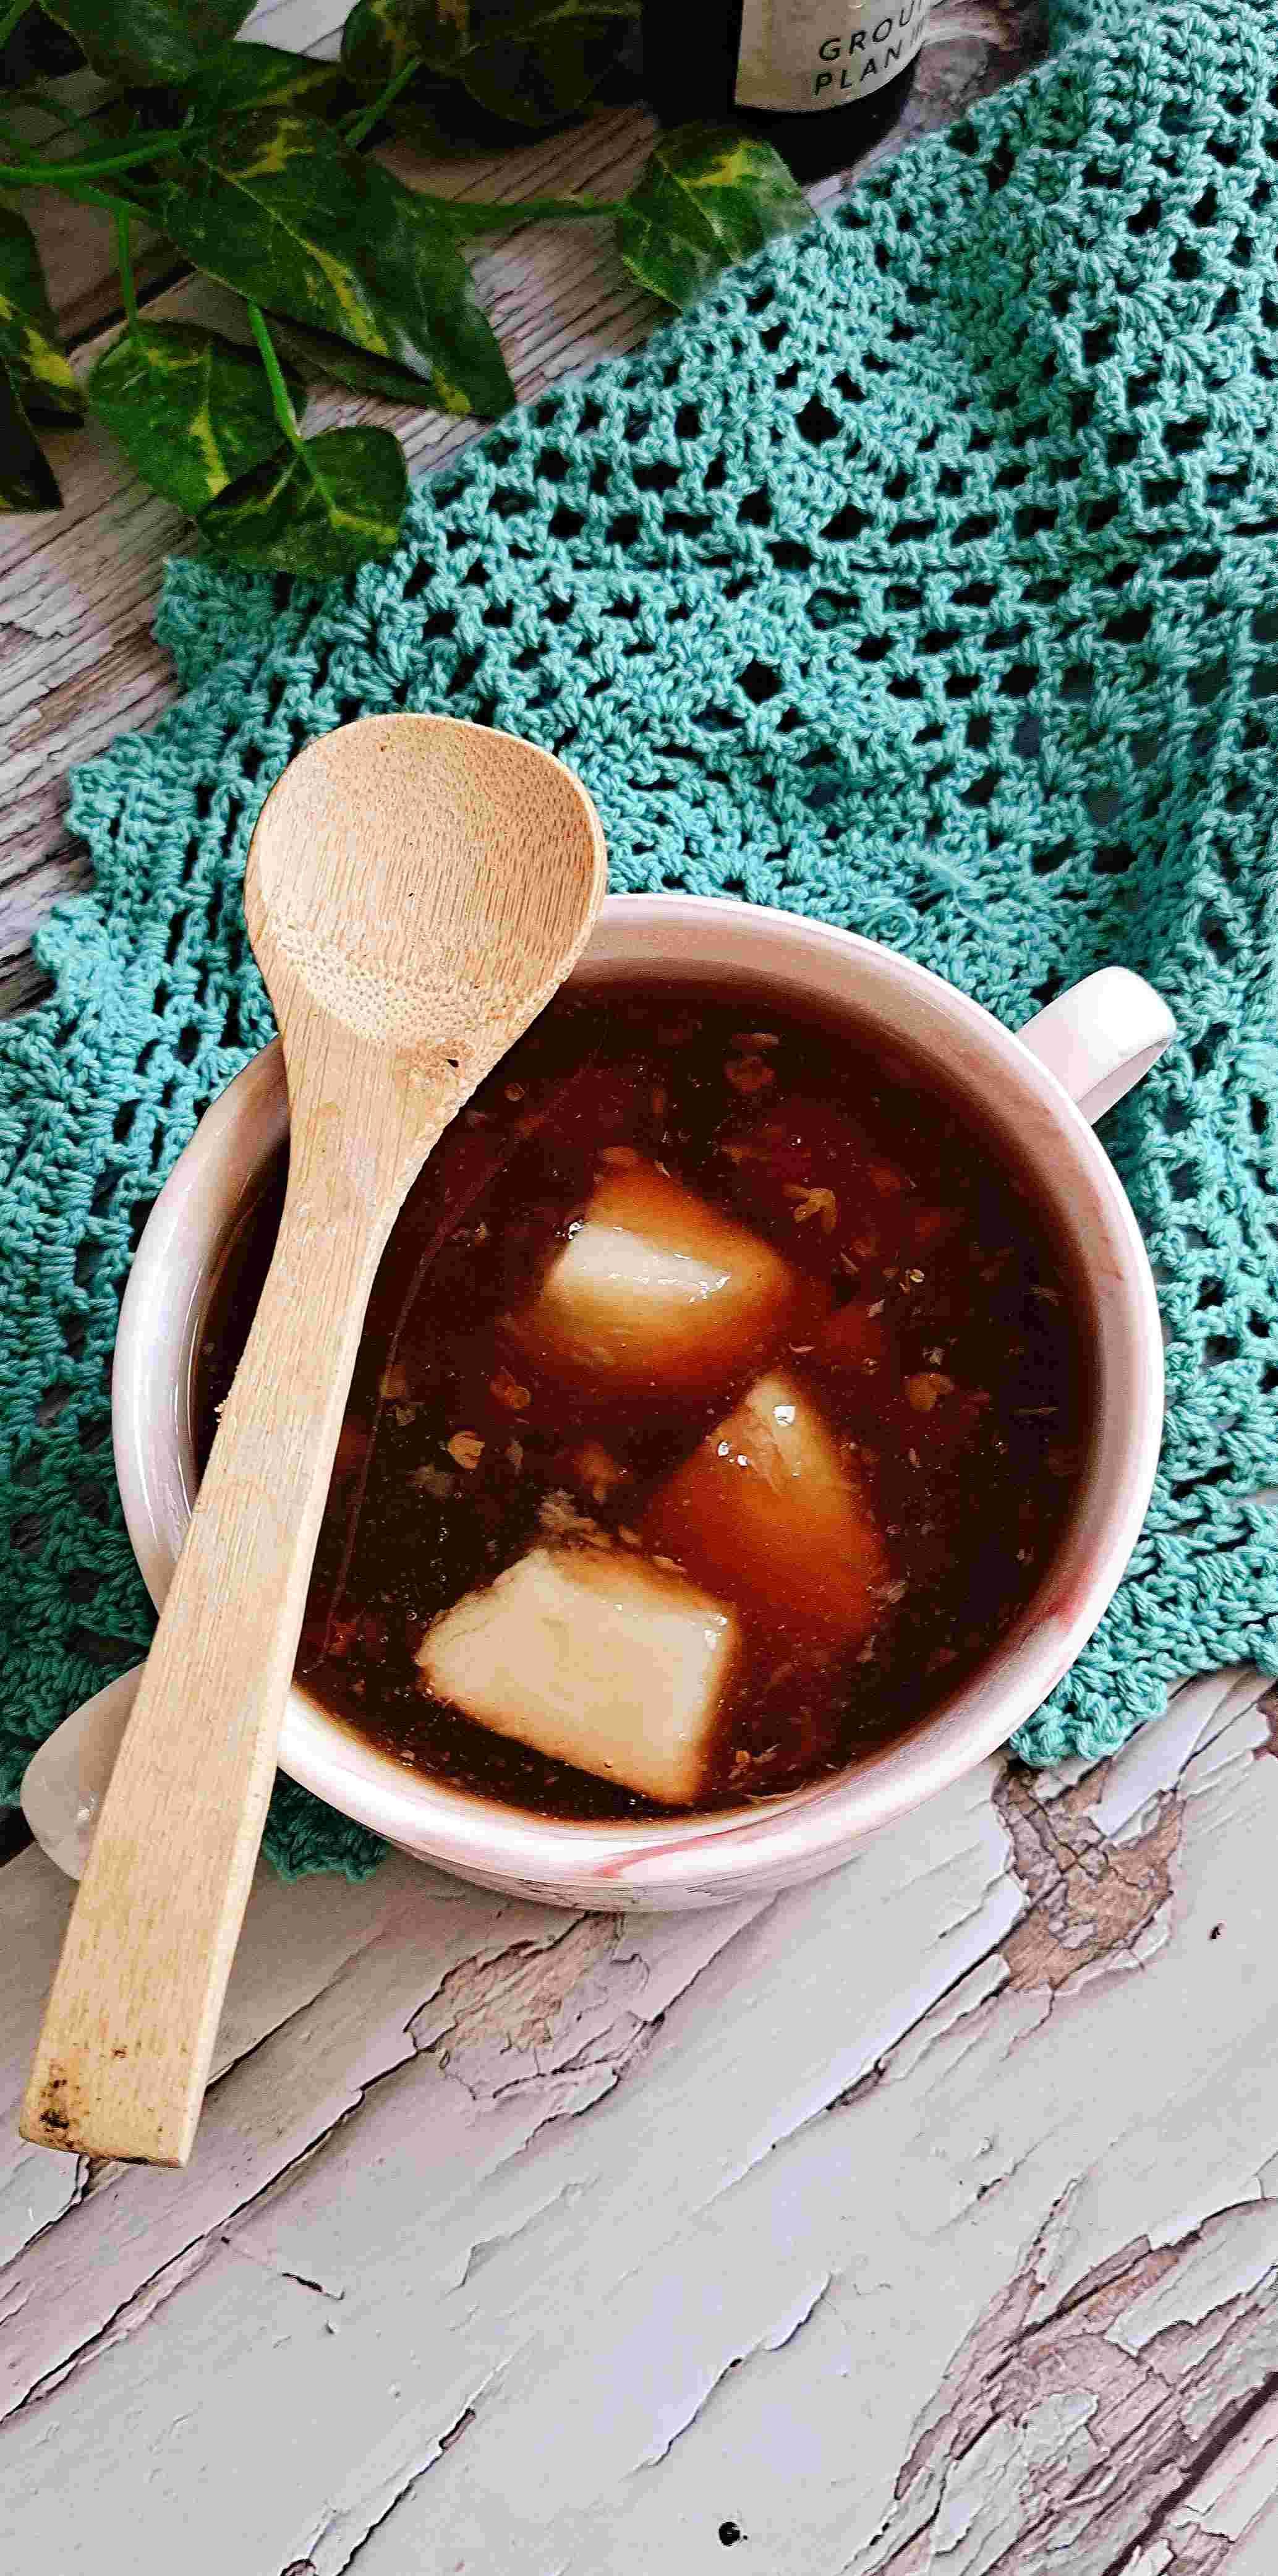 滋补脾胃,润肌肤秋冬养生少不了…桂花糖芋头成品图